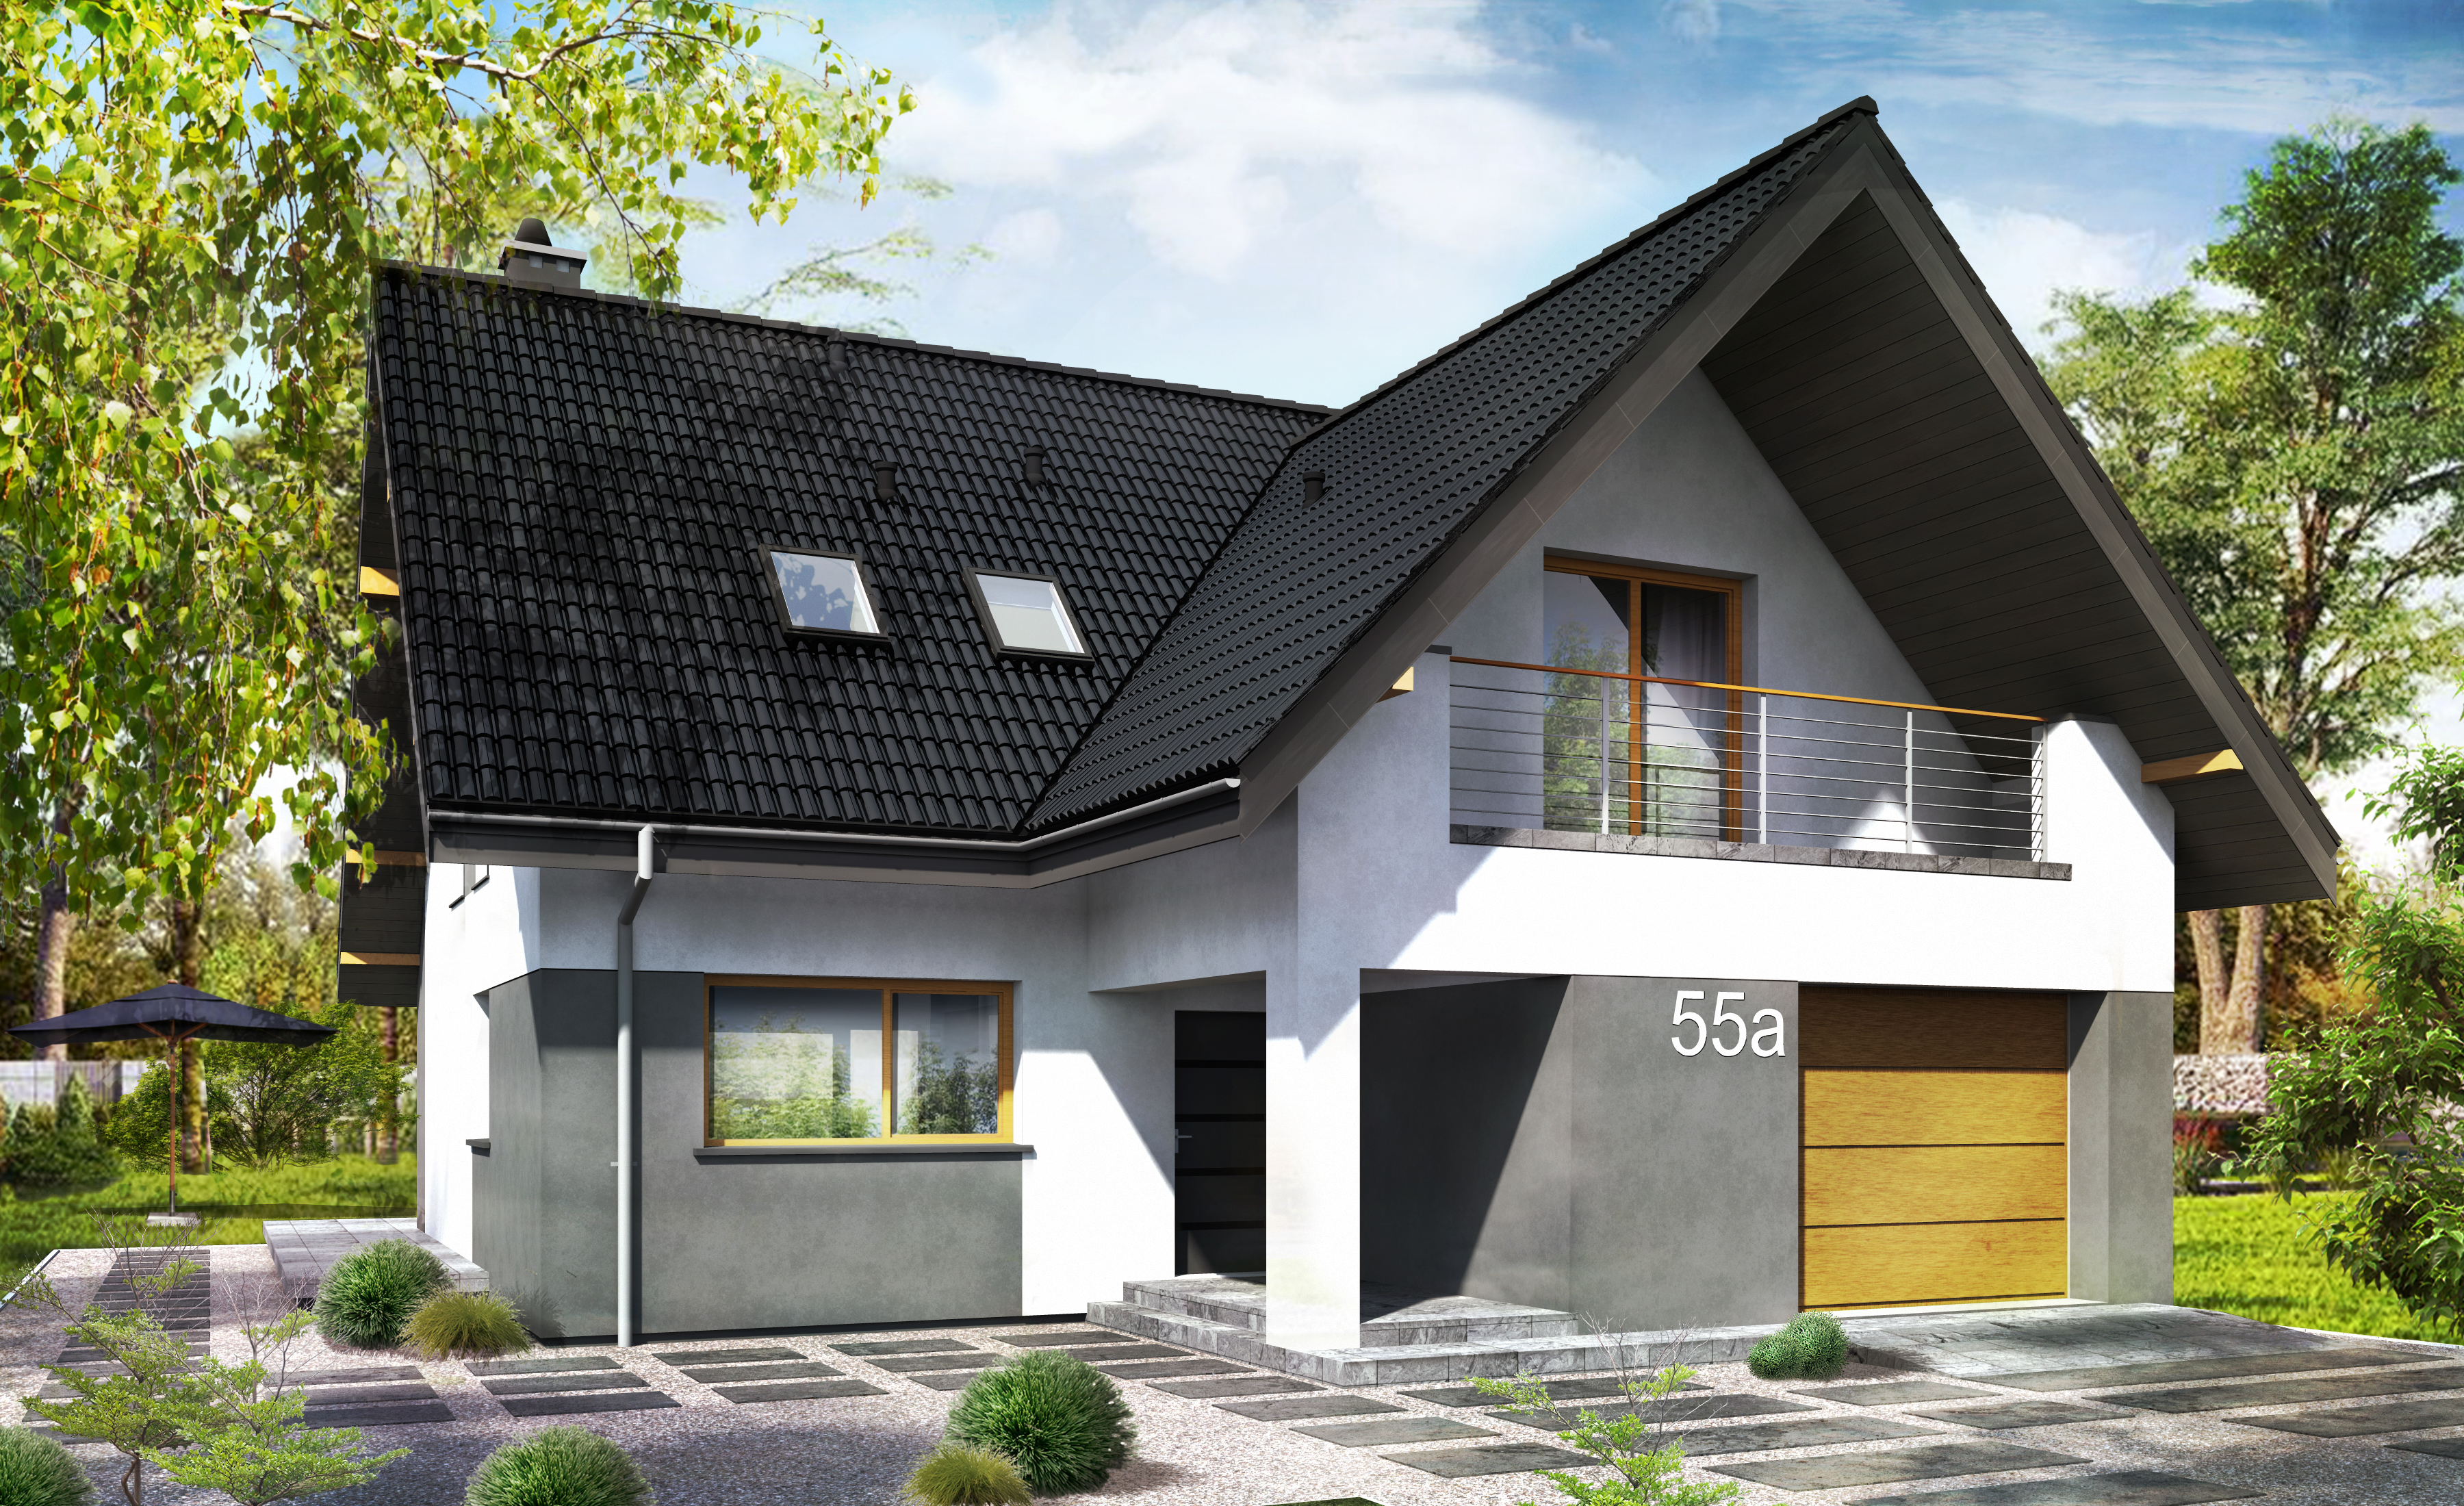 projekt domu w przyłubsku